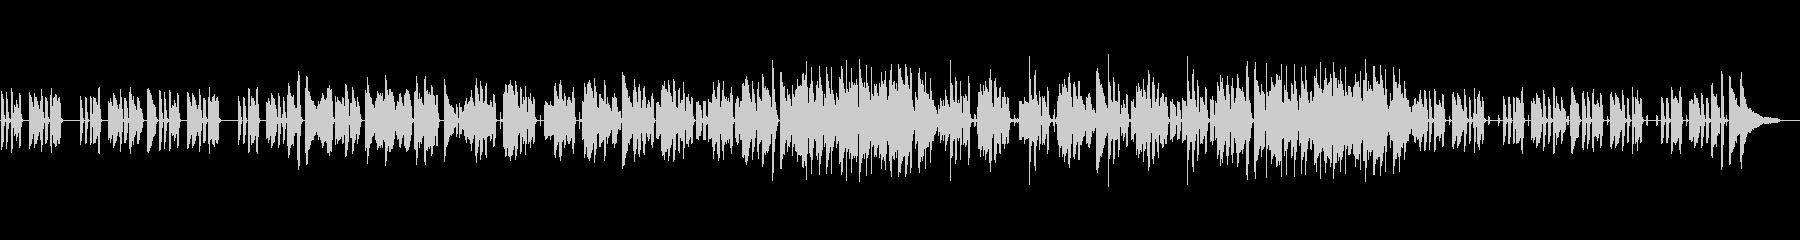 ジャズ・コミカル・ほのぼの・日常の未再生の波形